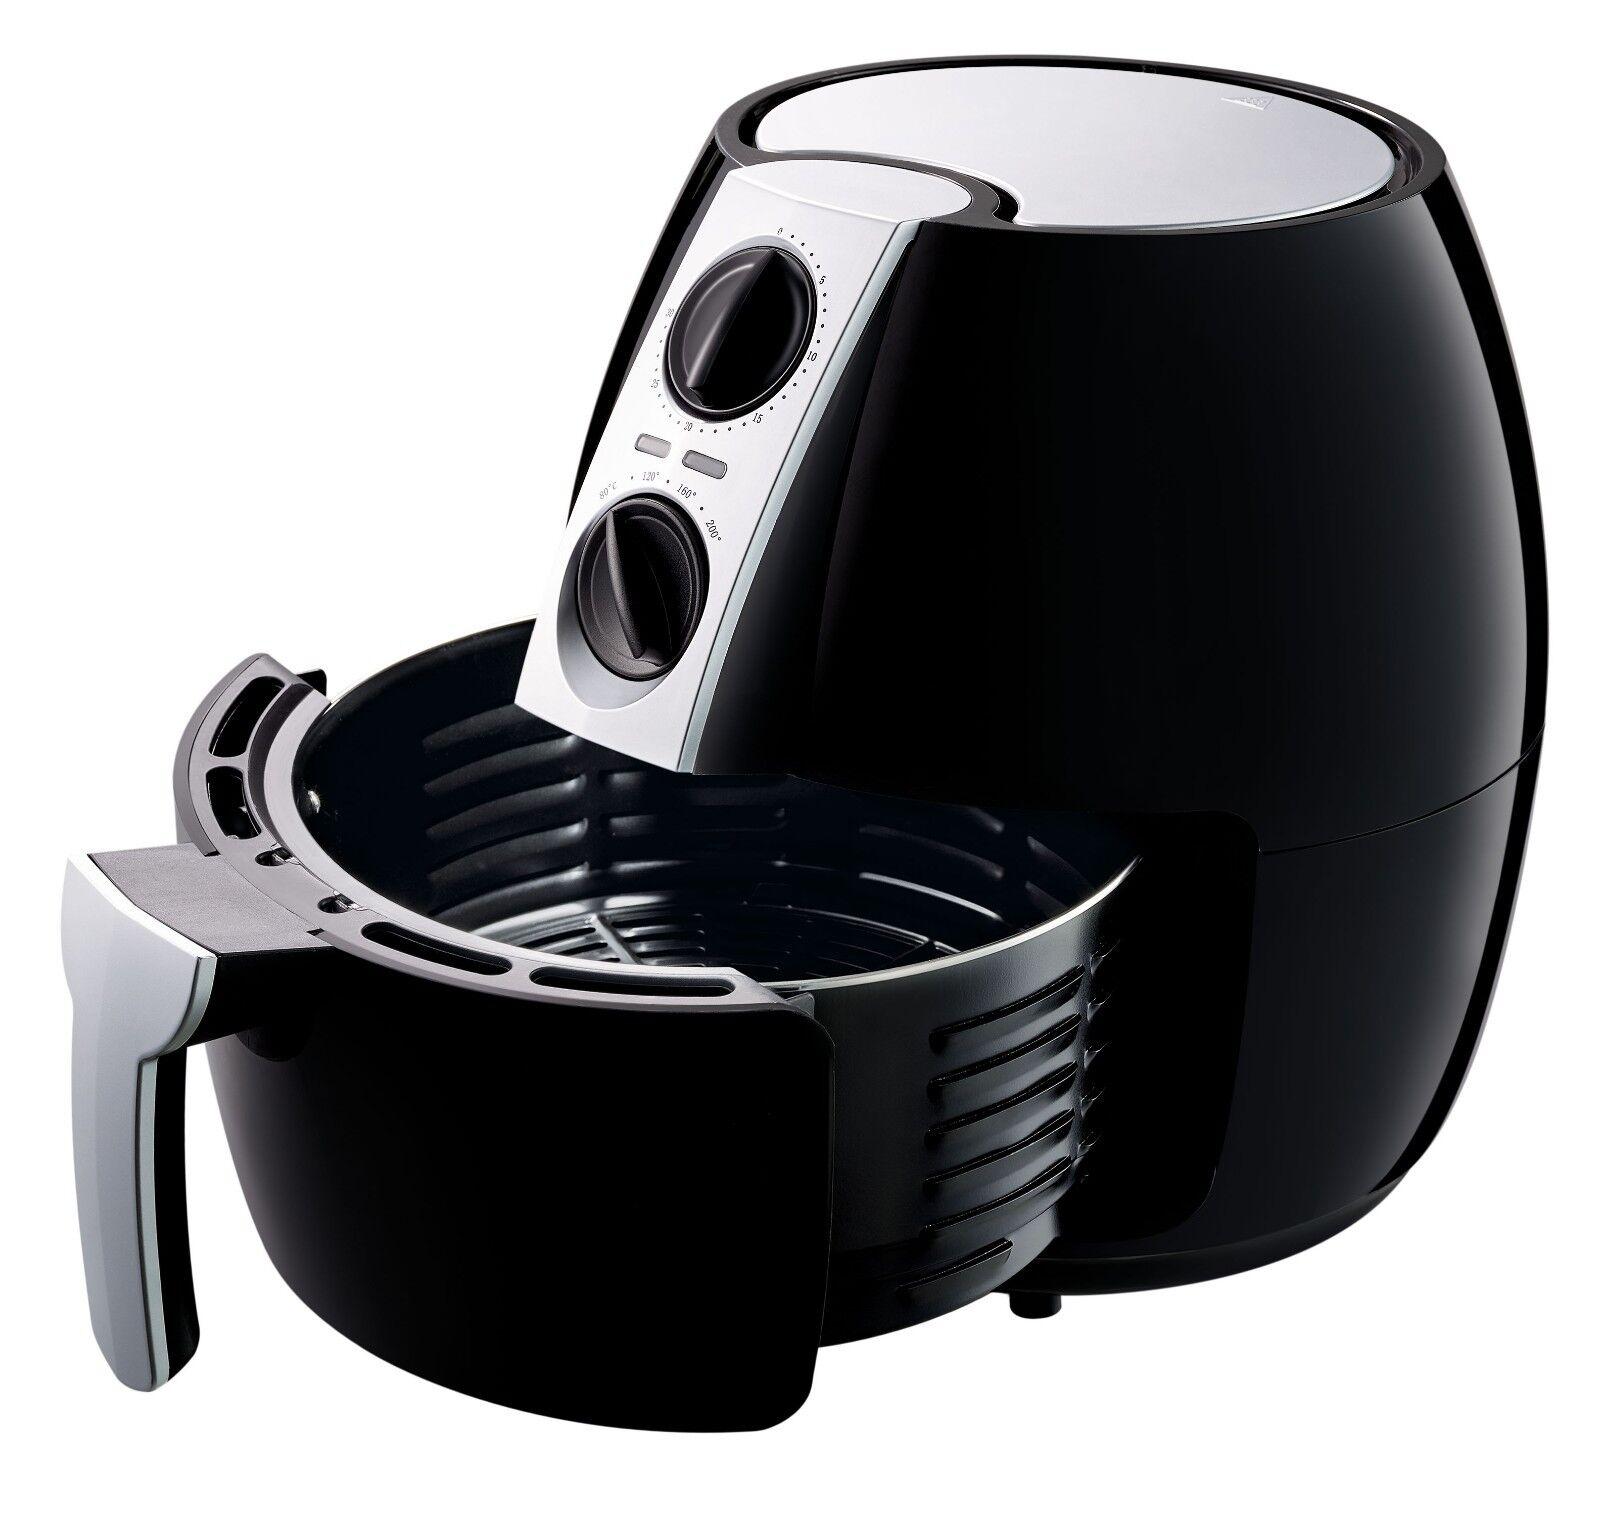 ito XXL Heißluft-Fritteuse 4,5 Liter 1500W Timer & Temperaturregler Schwarz